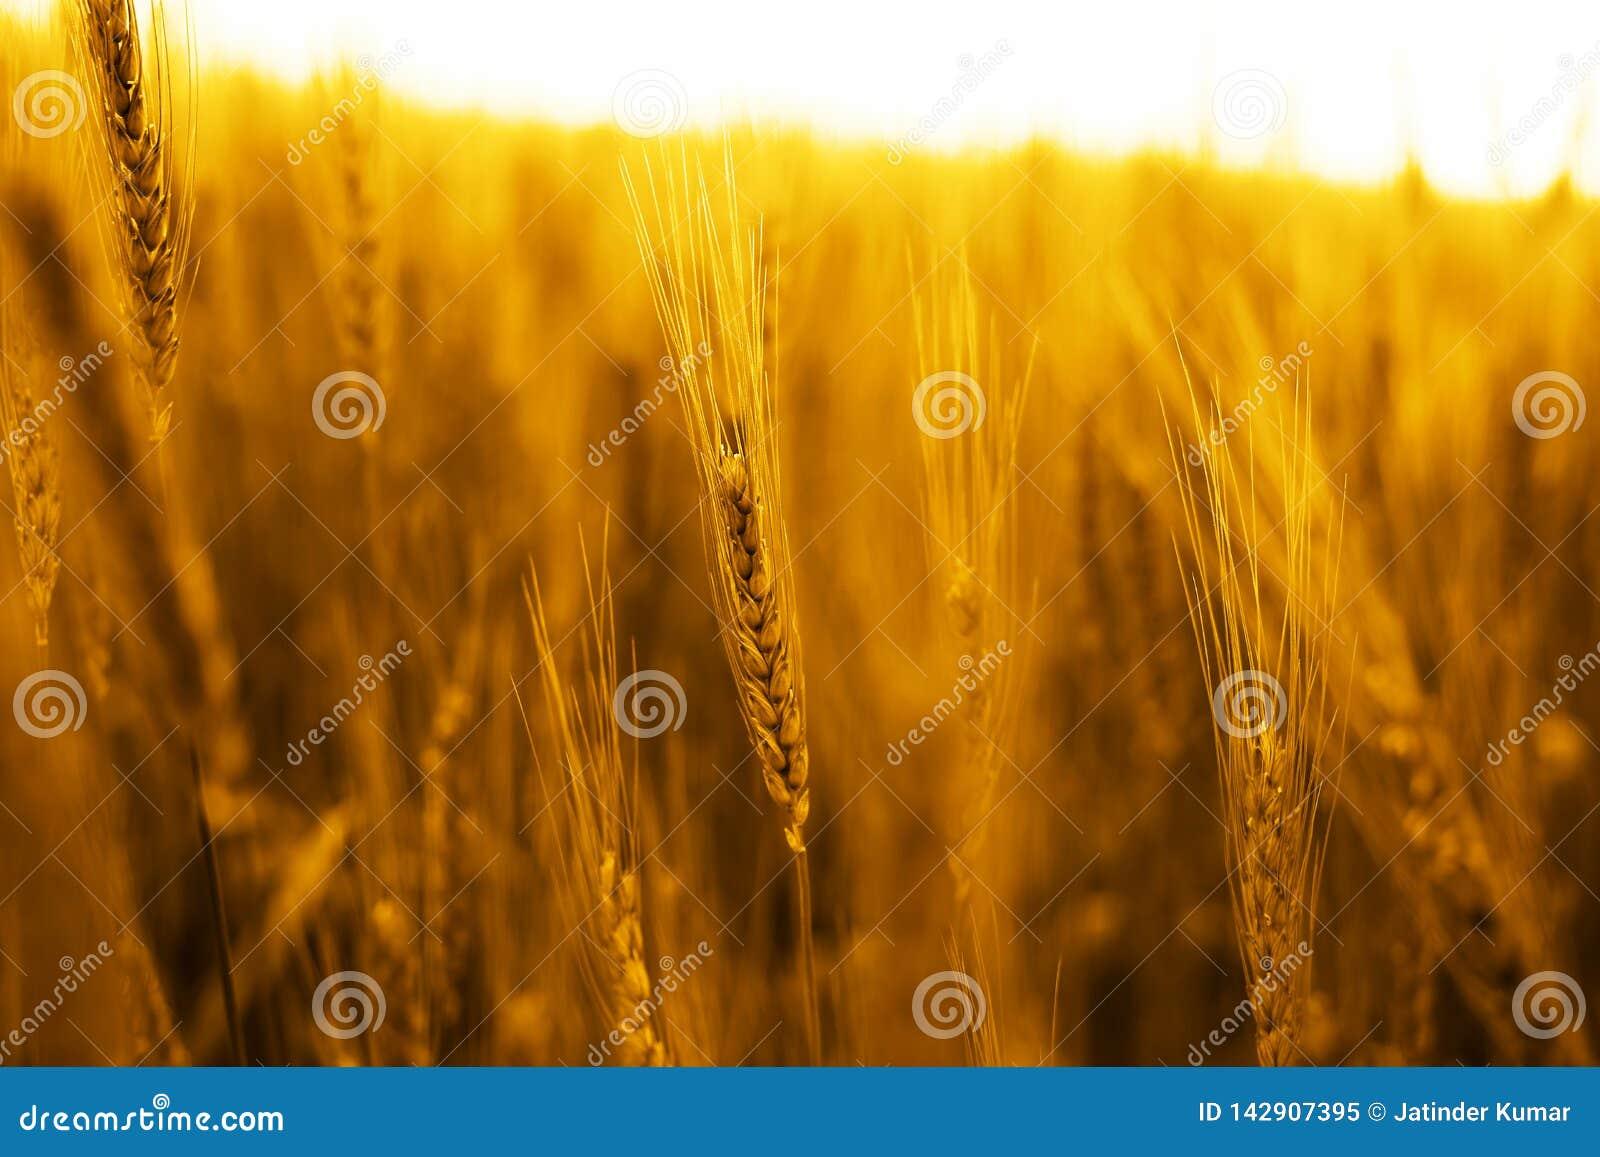 Retrato de los campos de trigo de oro